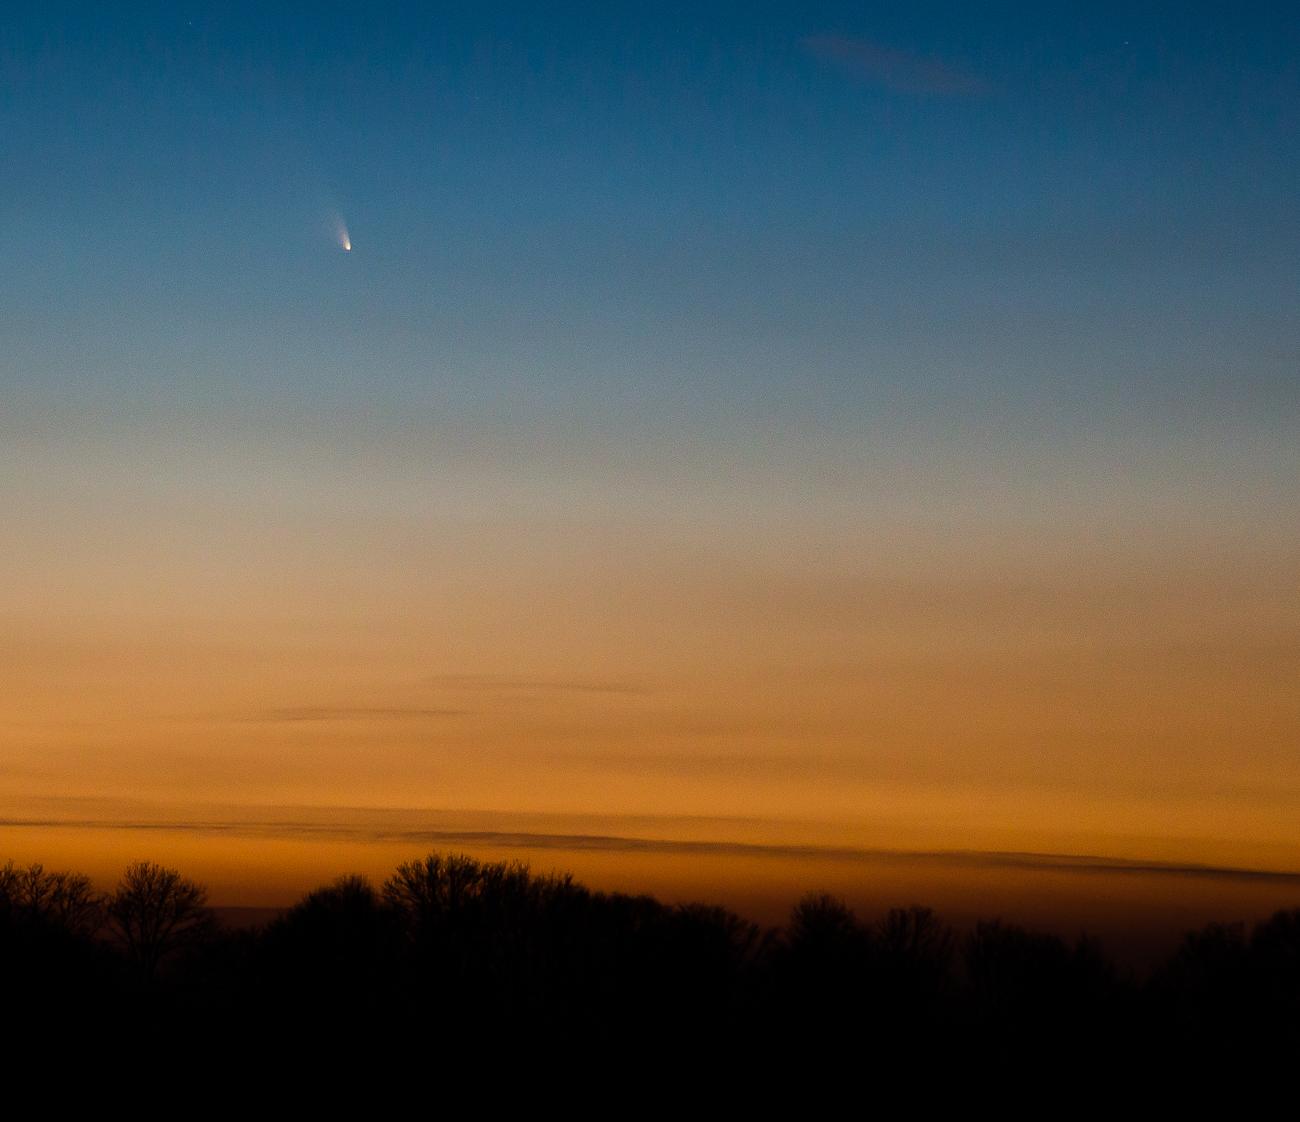 Comète C2011 L4 Panstarrs